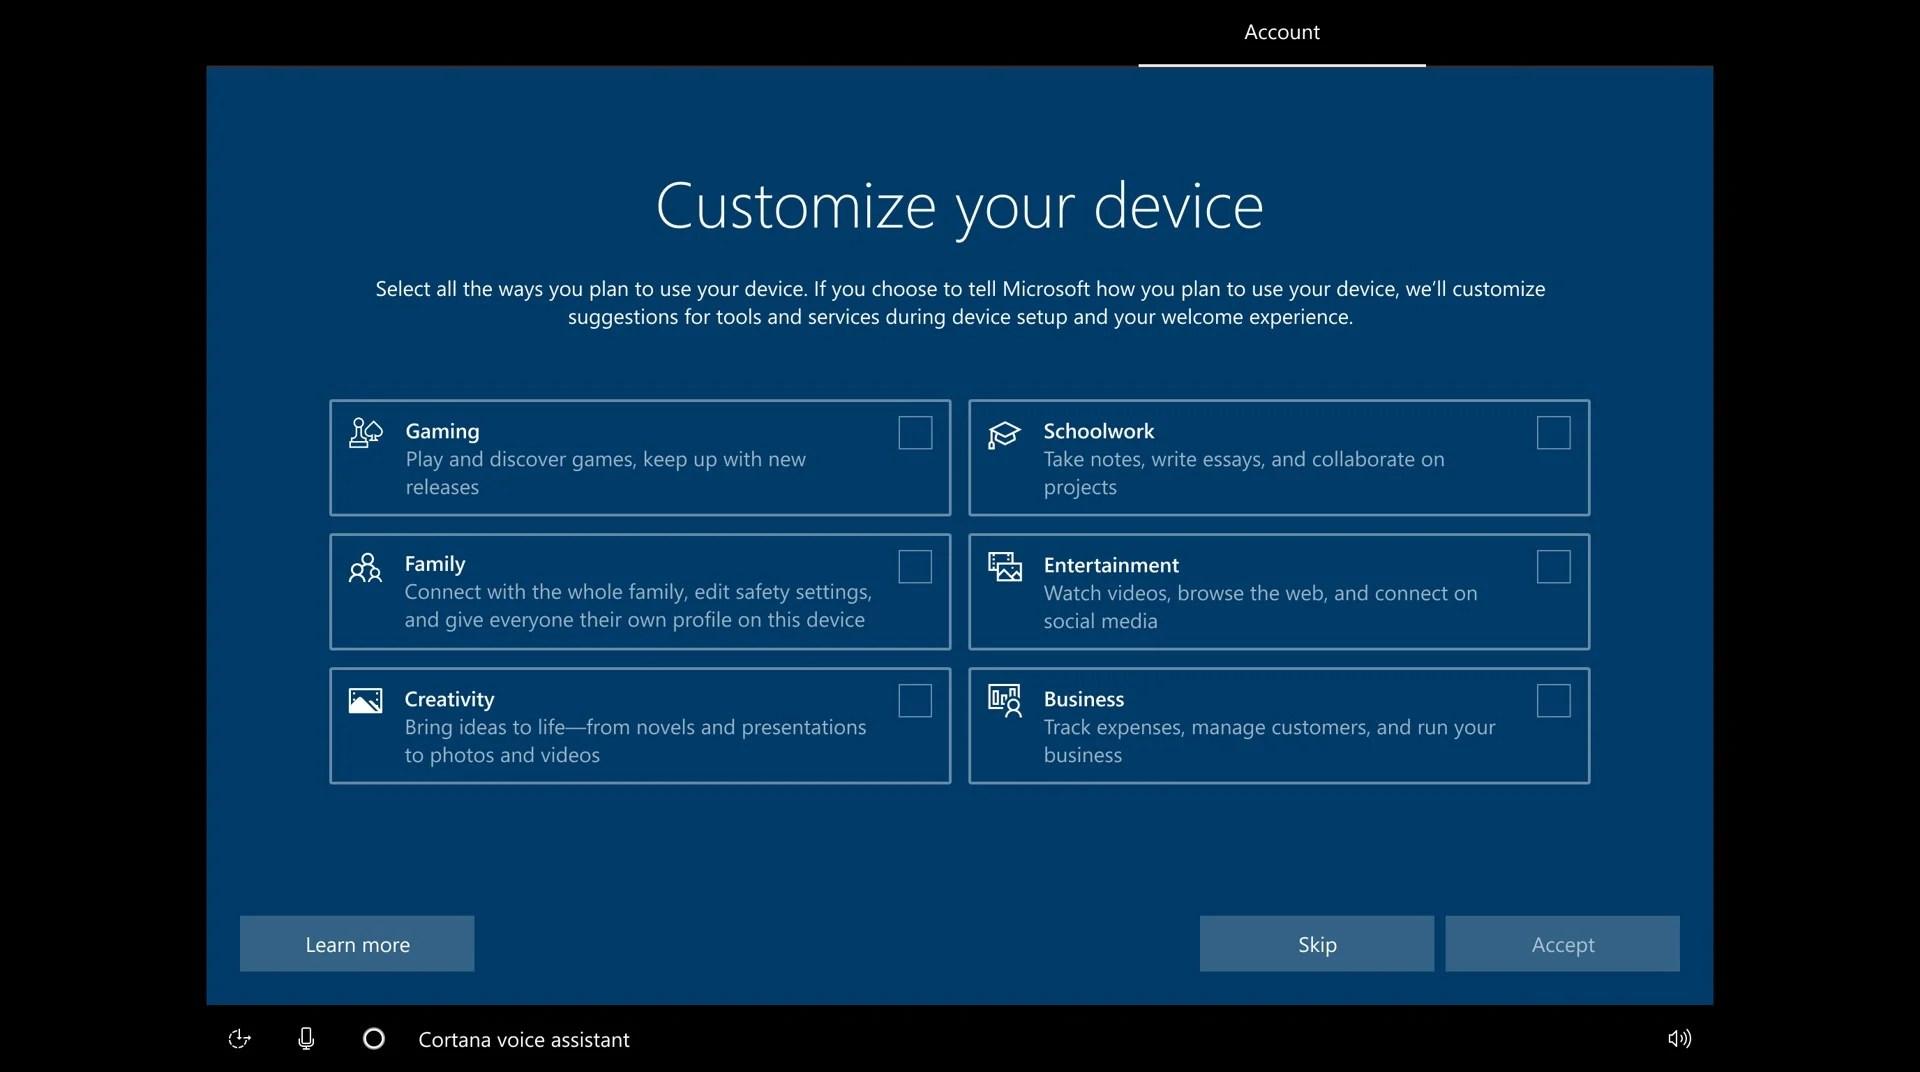 Windows 10 : Microsoft voudrait savoir comment vous utilisez votre PC